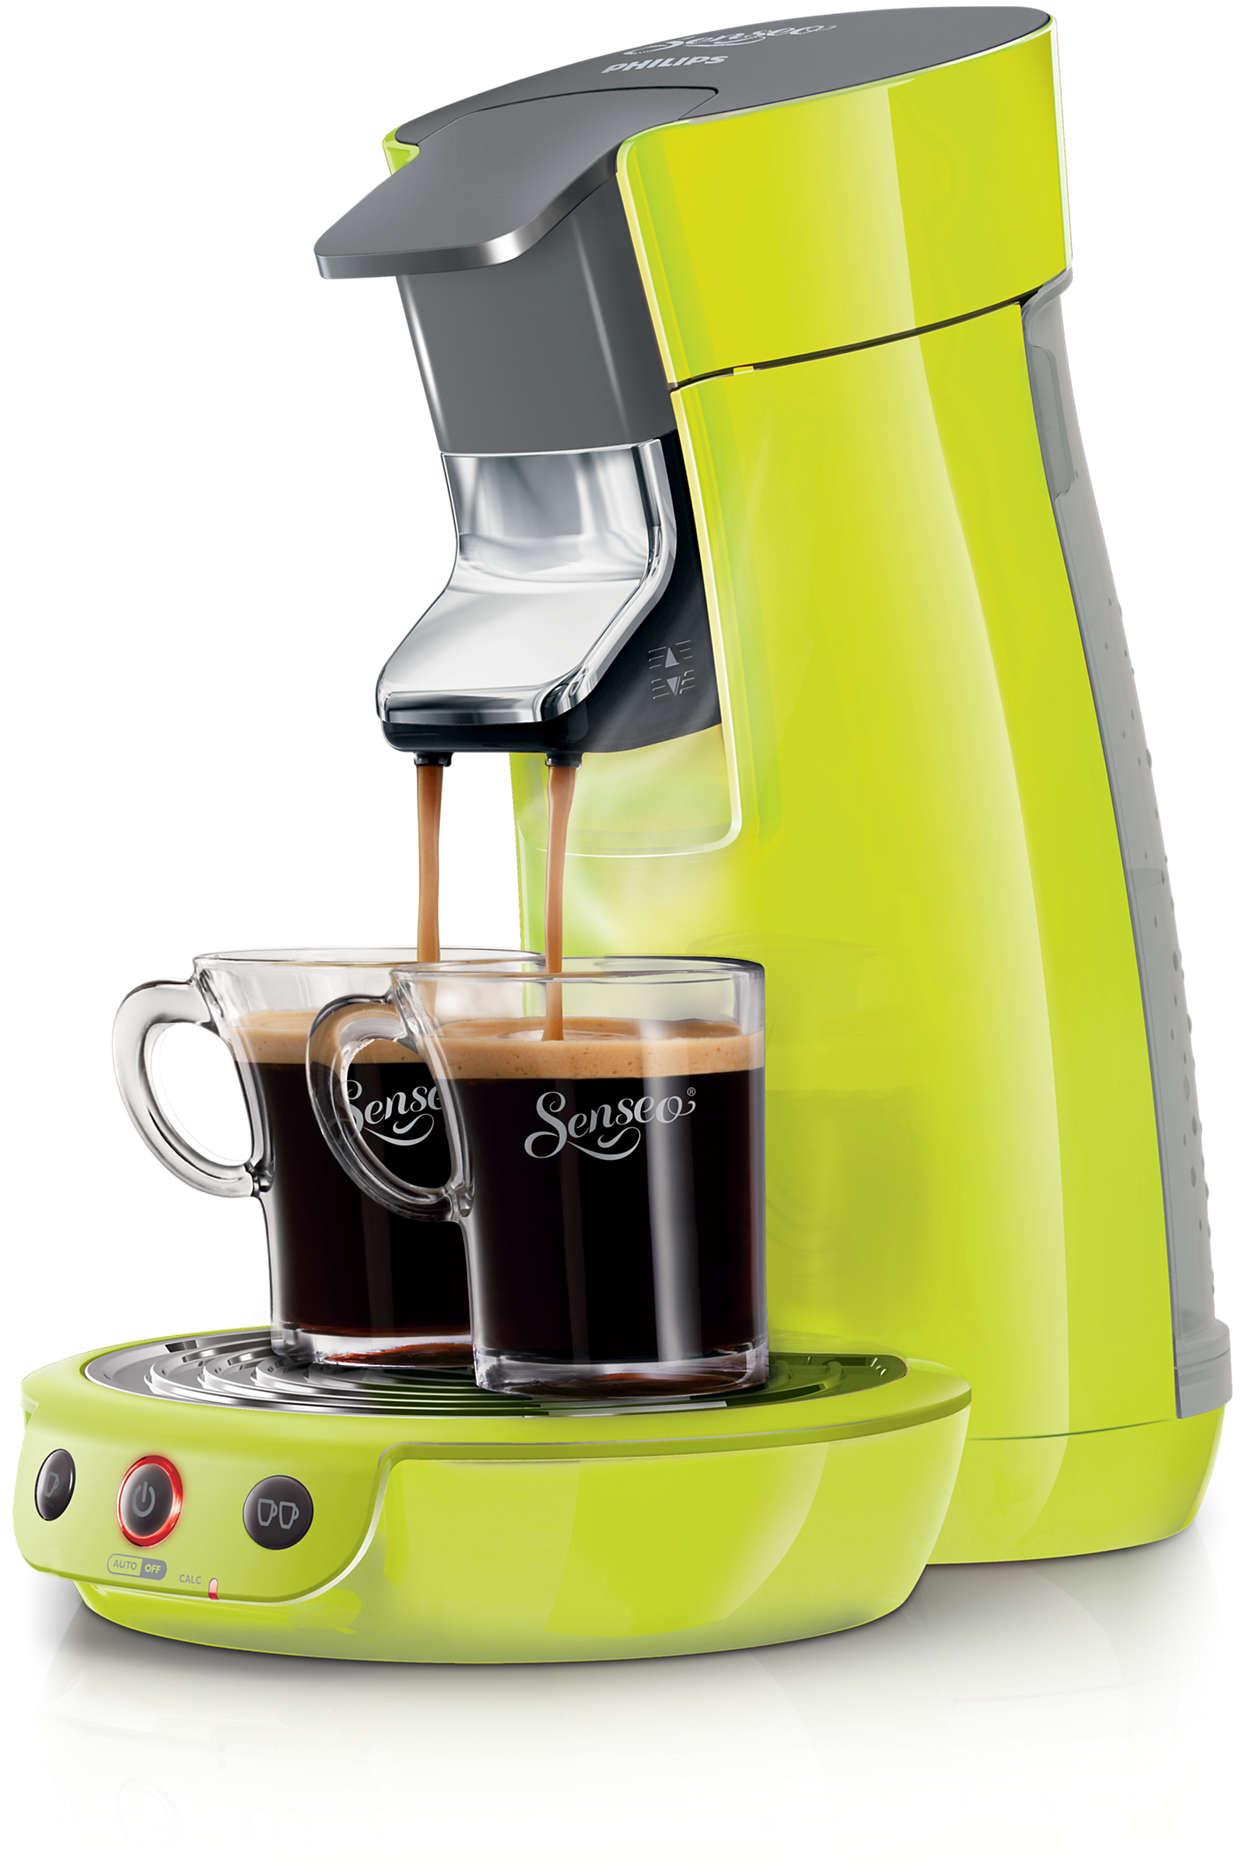 viva caf machine caf dosettes hd7825 10 senseo. Black Bedroom Furniture Sets. Home Design Ideas